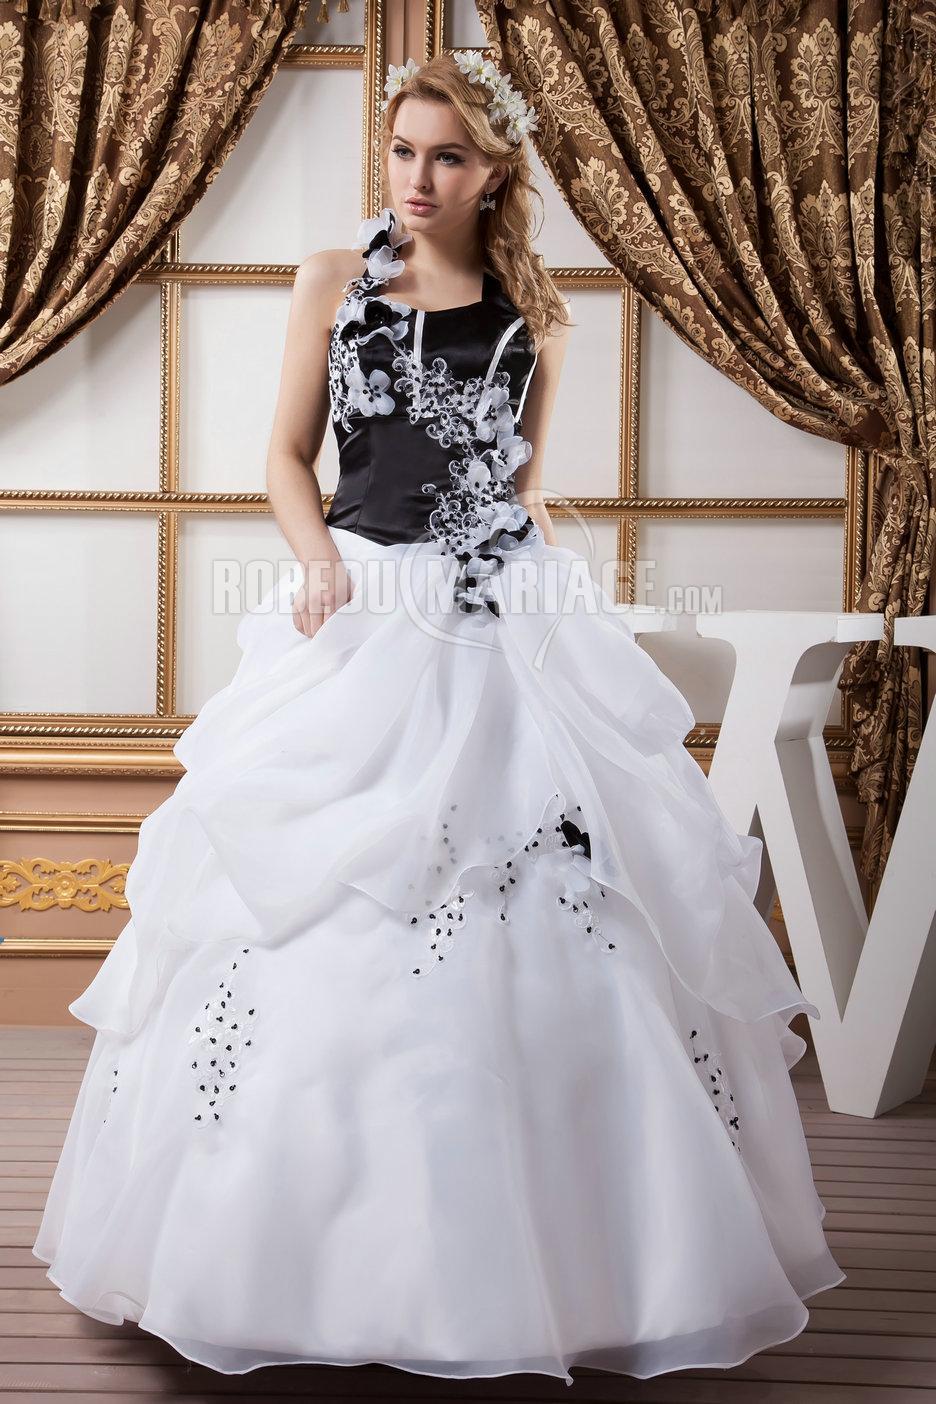 robe de mari e noire bretelle au cou avec fleur perles en